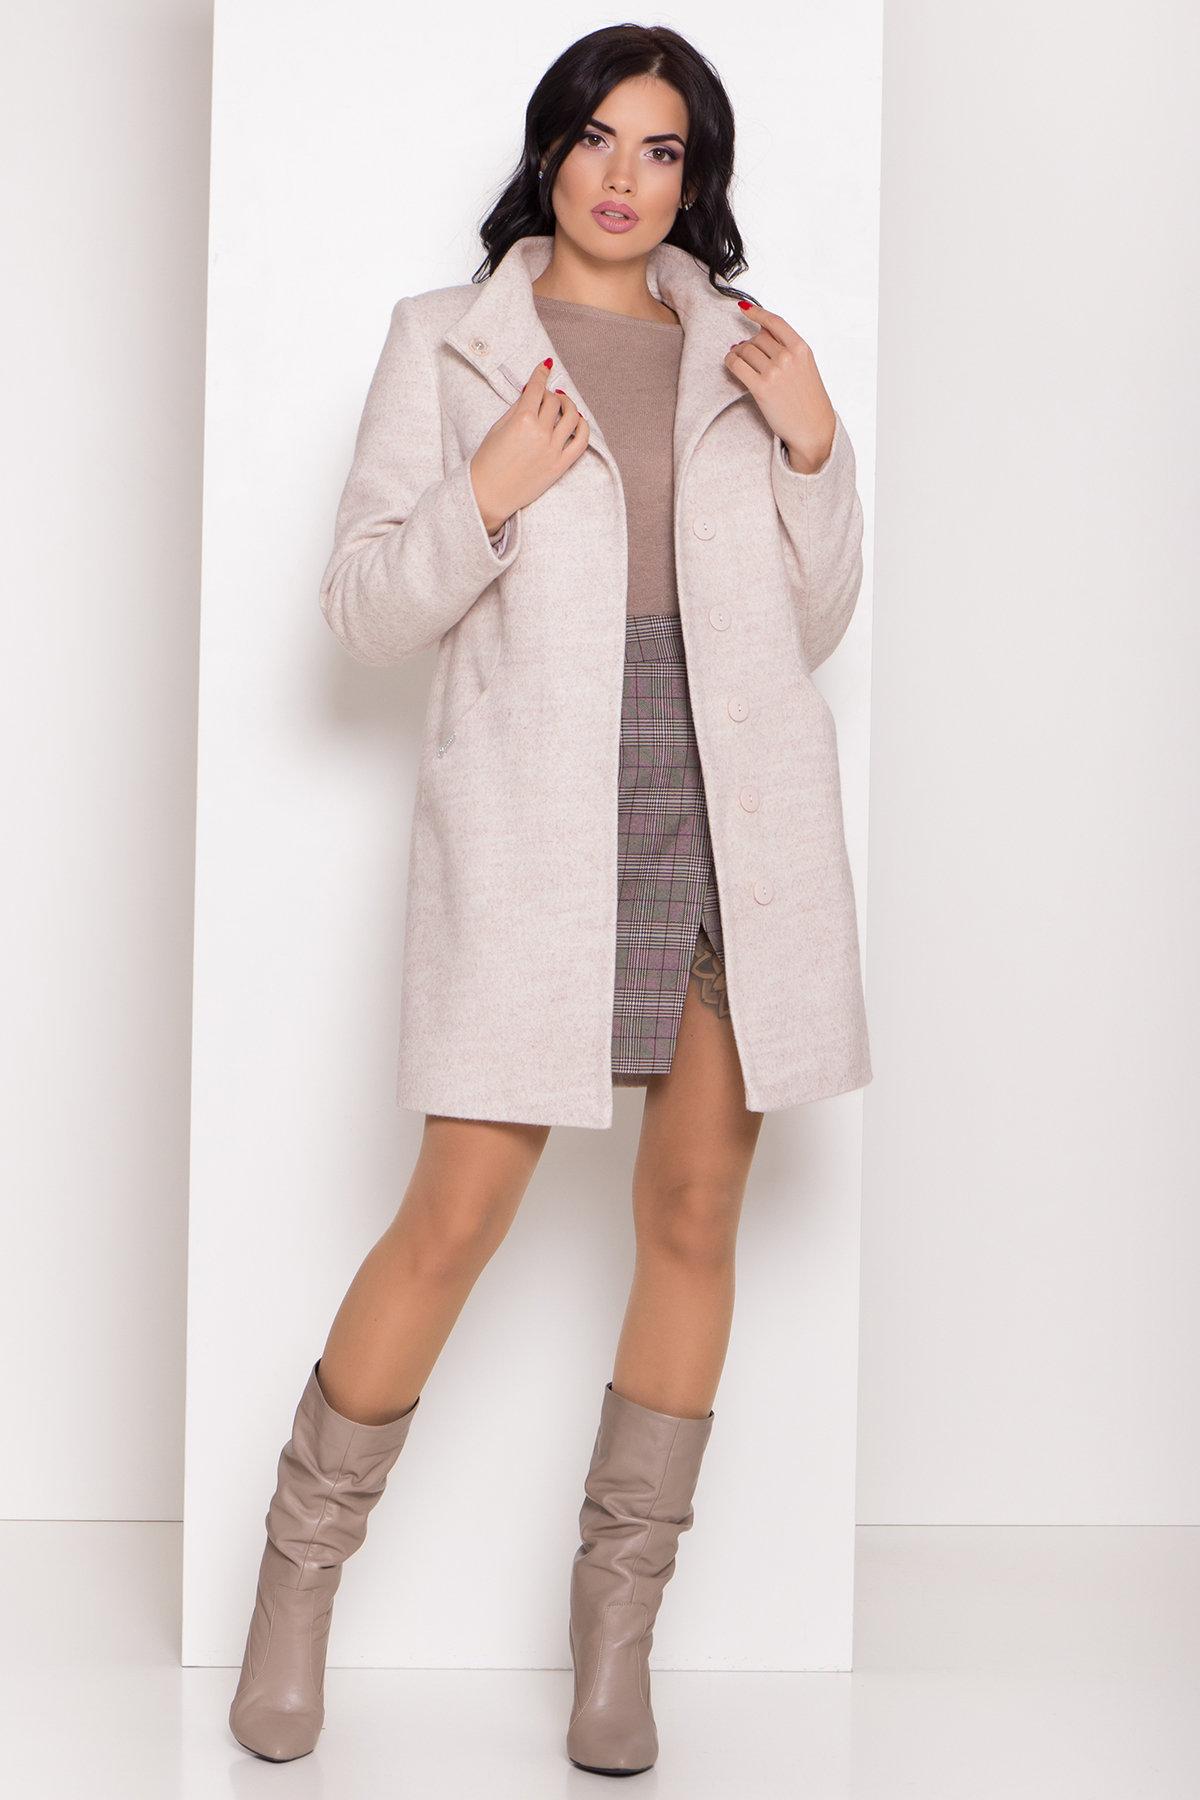 Зимнее пальто с круговым шарфом  Сплит 8406 АРТ. 44631 Цвет: Бежевый 21 - фото 3, интернет магазин tm-modus.ru